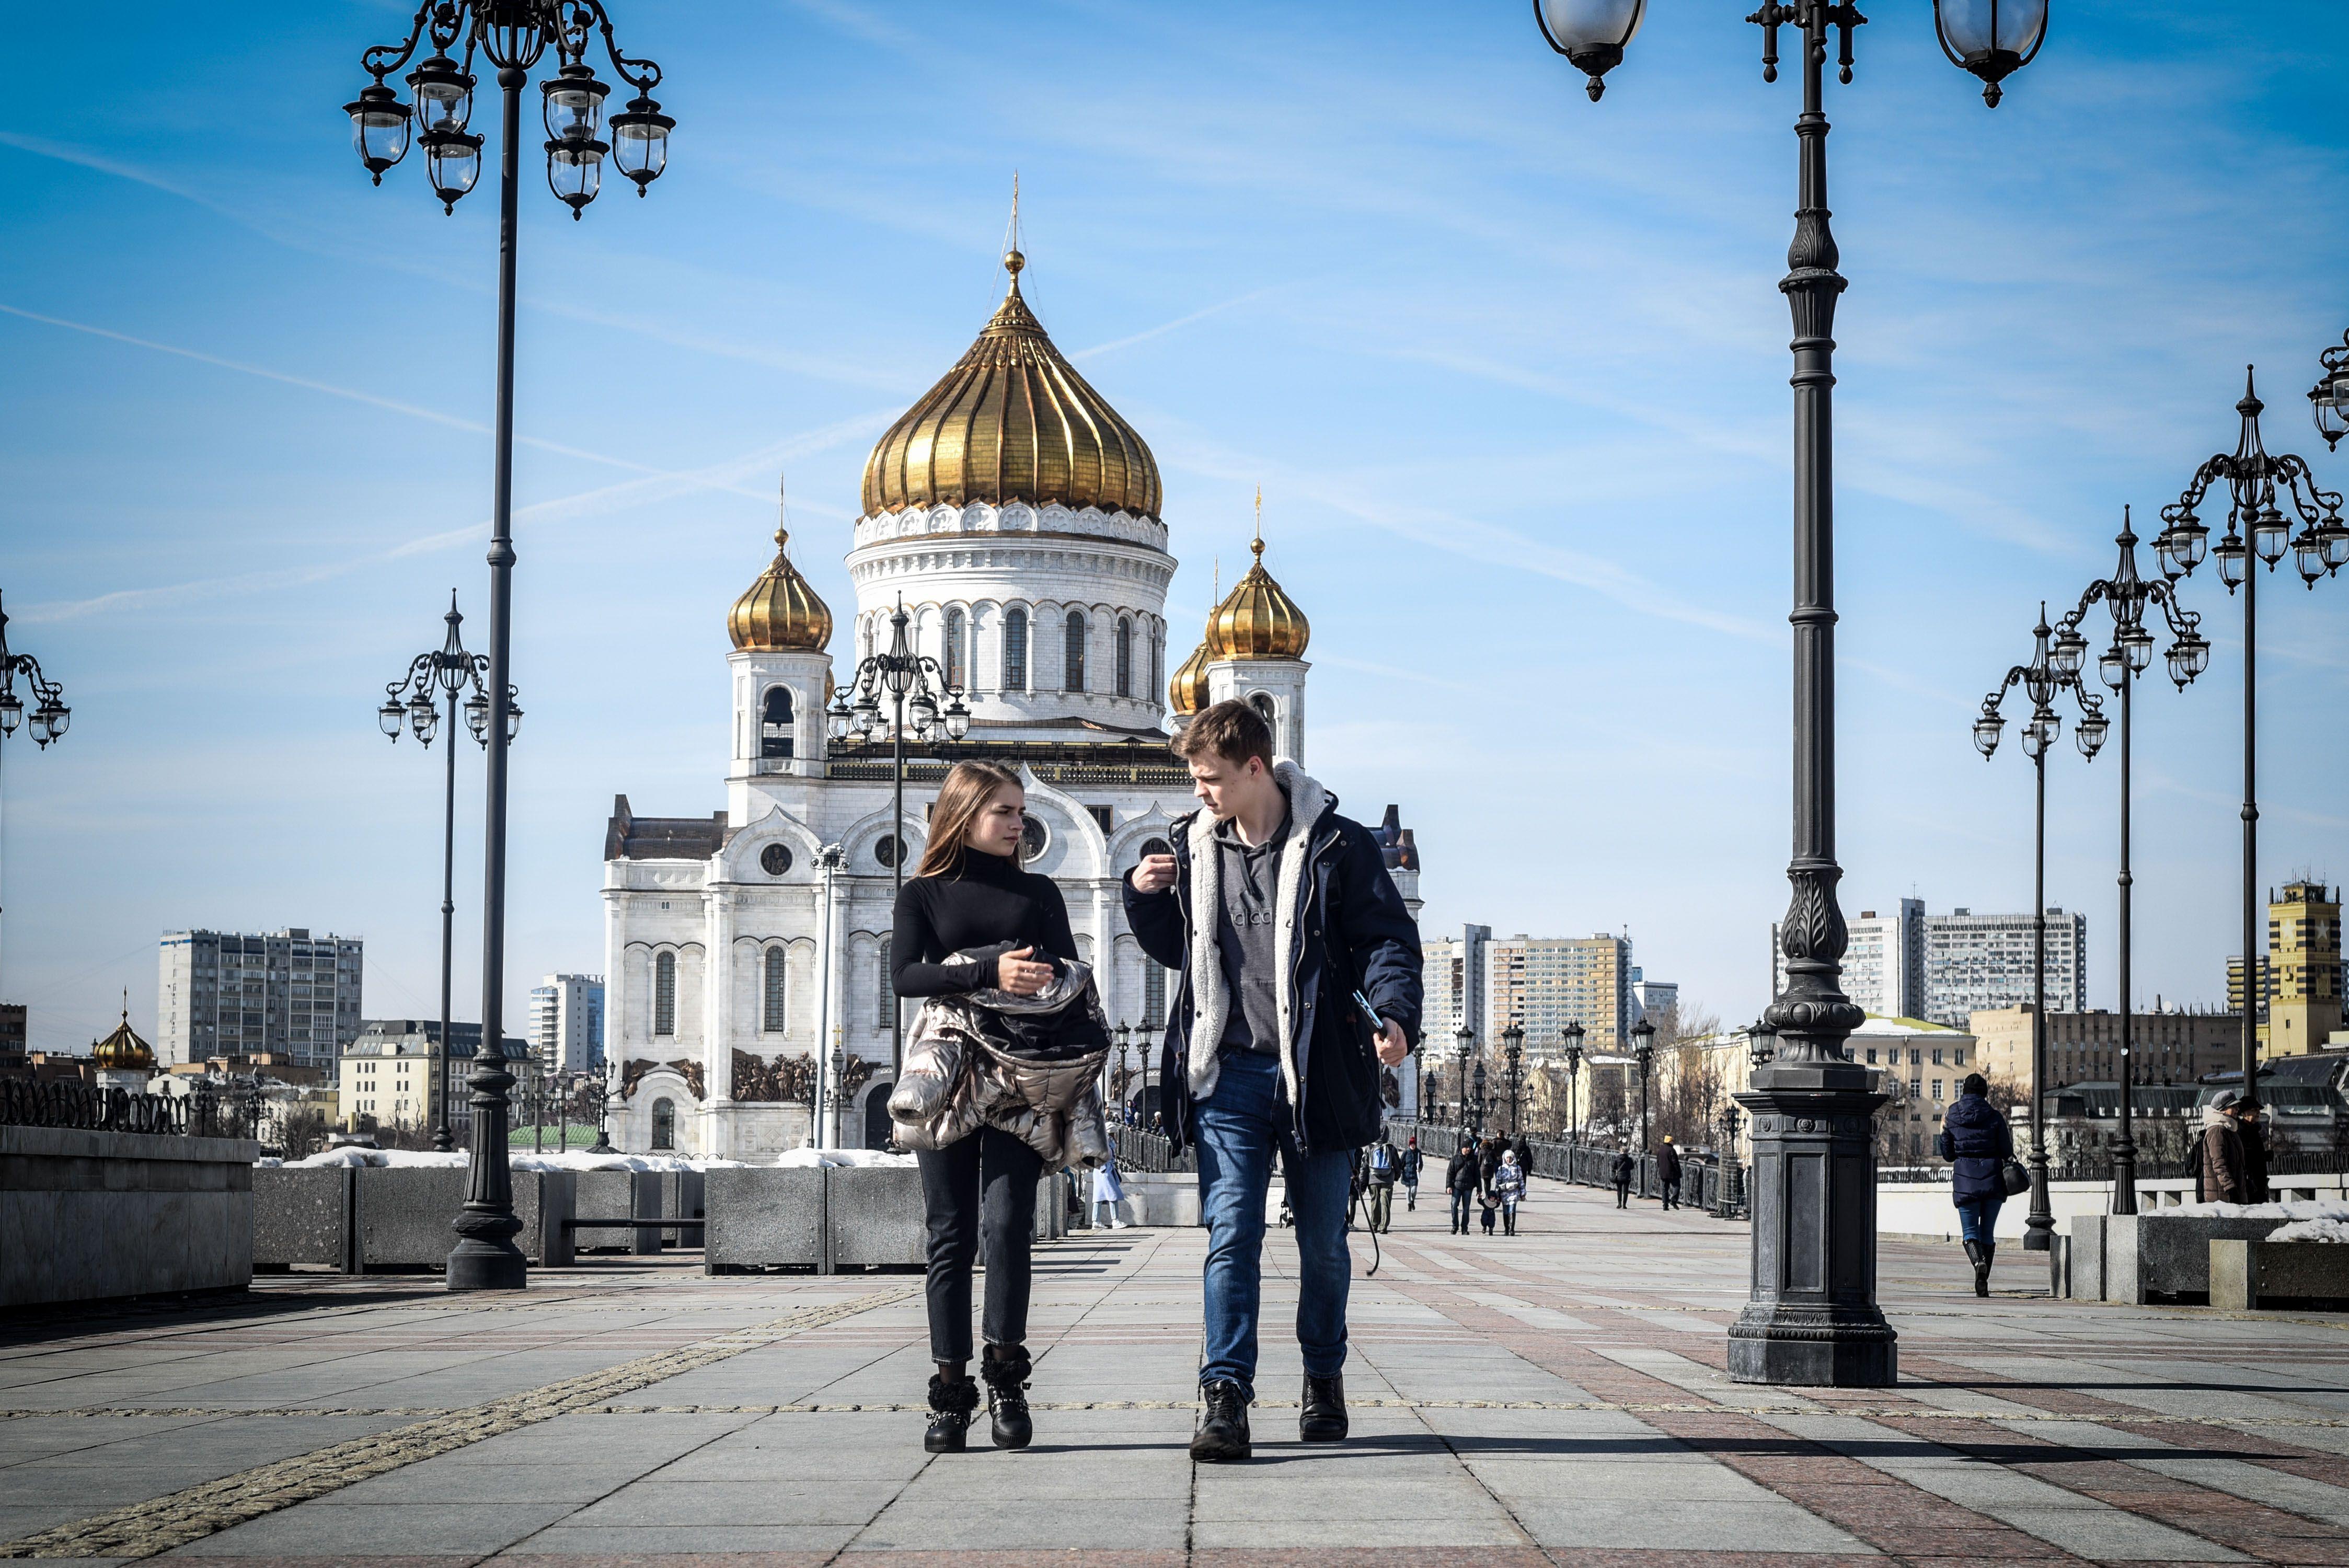 Москвичам рассказали о 15 градусах тепла до середины апреля